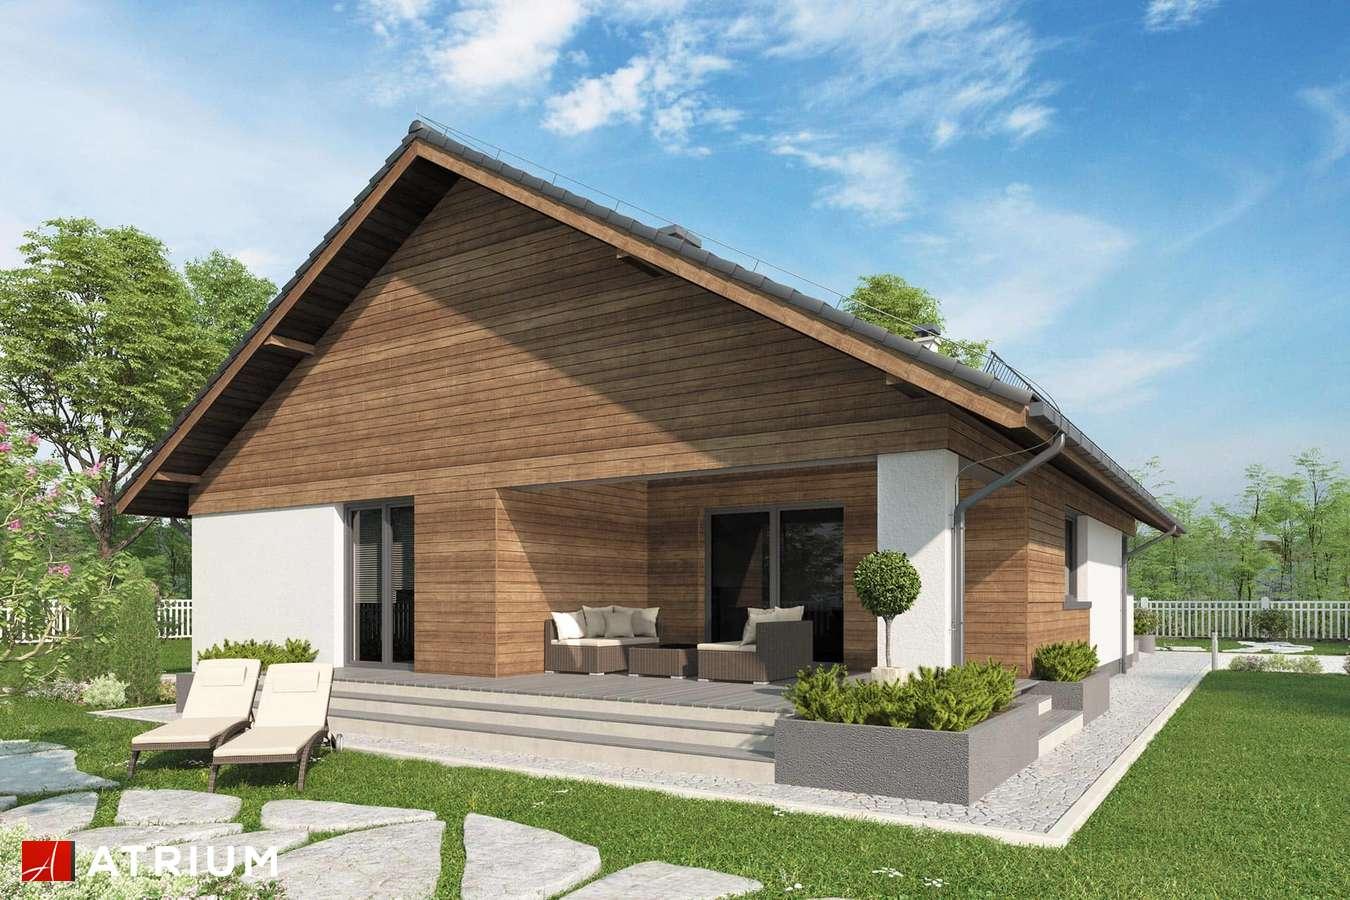 Projekty domów - Projekt domu parterowego KOS X SZ - wizualizacja 2